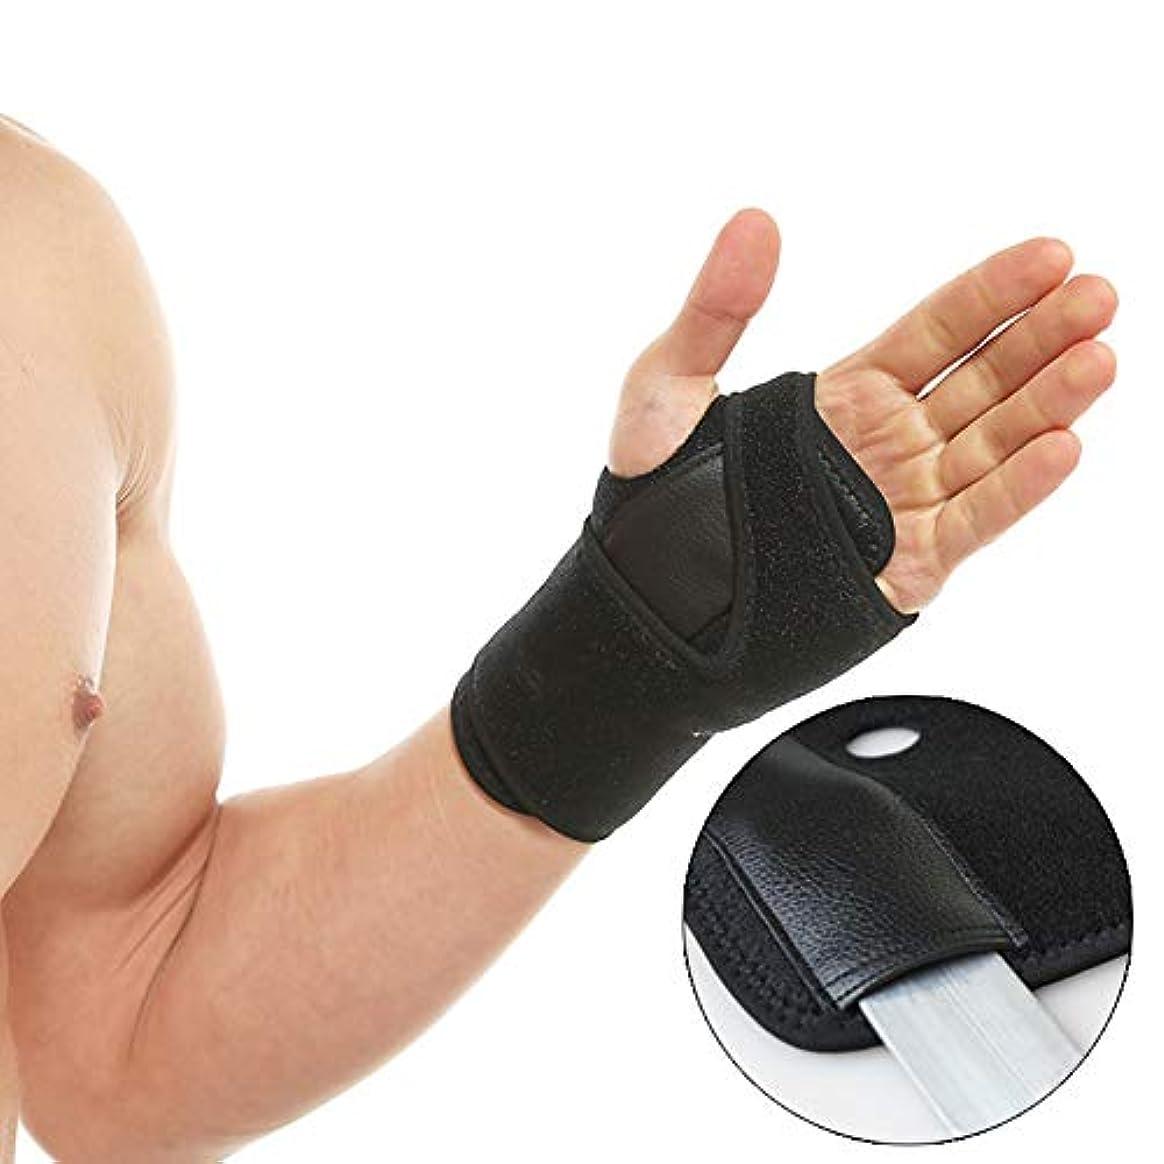 インデックス配偶者伝染病親指ブレース - 関節炎、腱鞘炎、そしてその他、トリガー親指サポート中括弧のためのスプリントは、男性と女性のための右手と左手の両方に適合します